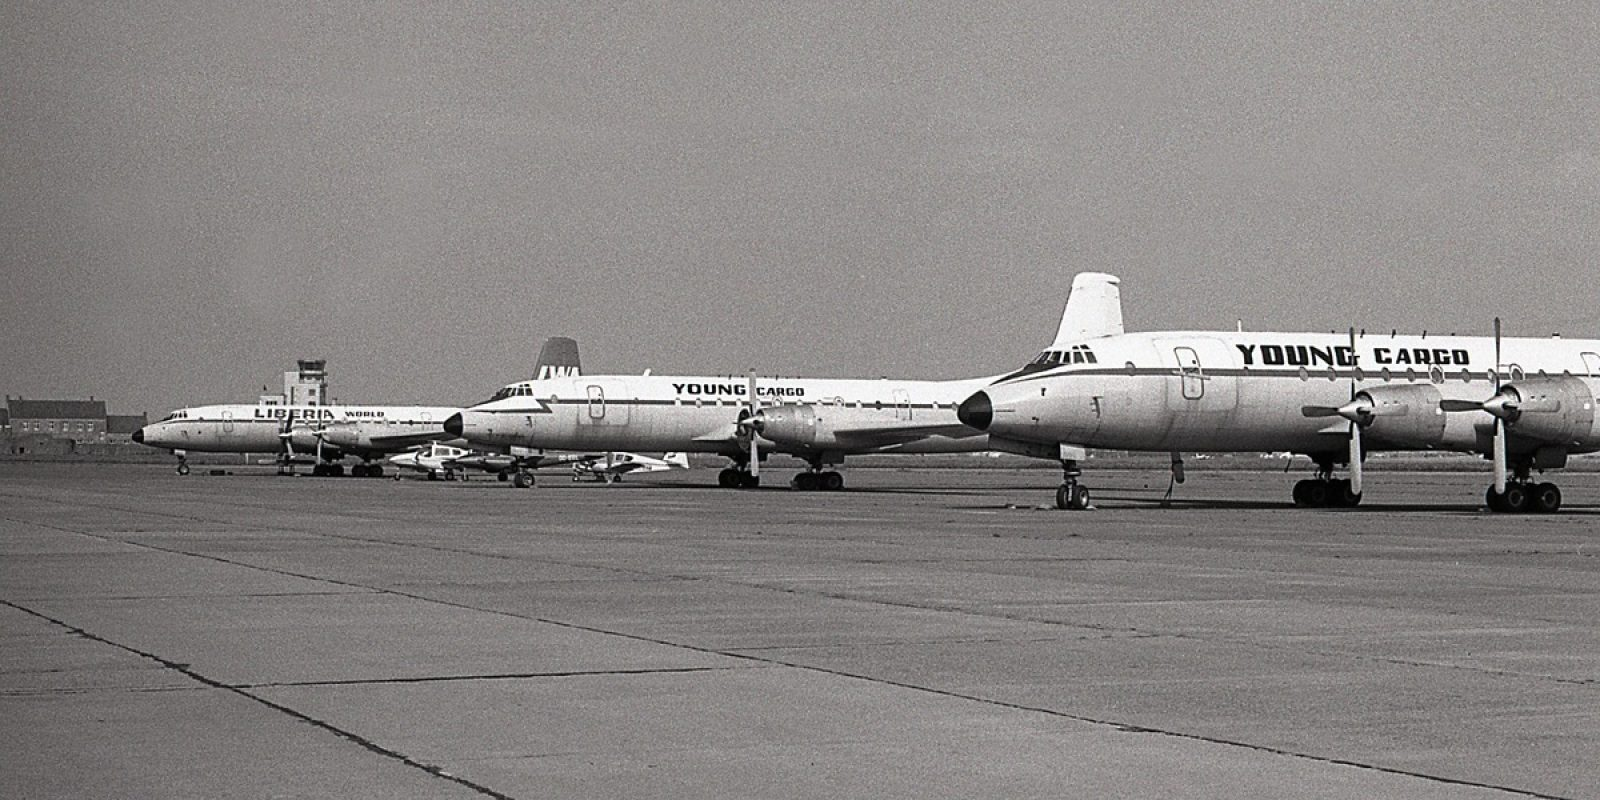 Alignés sur le tarmac d'Ostende en juillet 1978, pas moins de trois Britannia en ordre de vol: de gauche à droite, le OO-YCH aux couleurs de Liberia World, le OO-YCB et le OO-YCE.